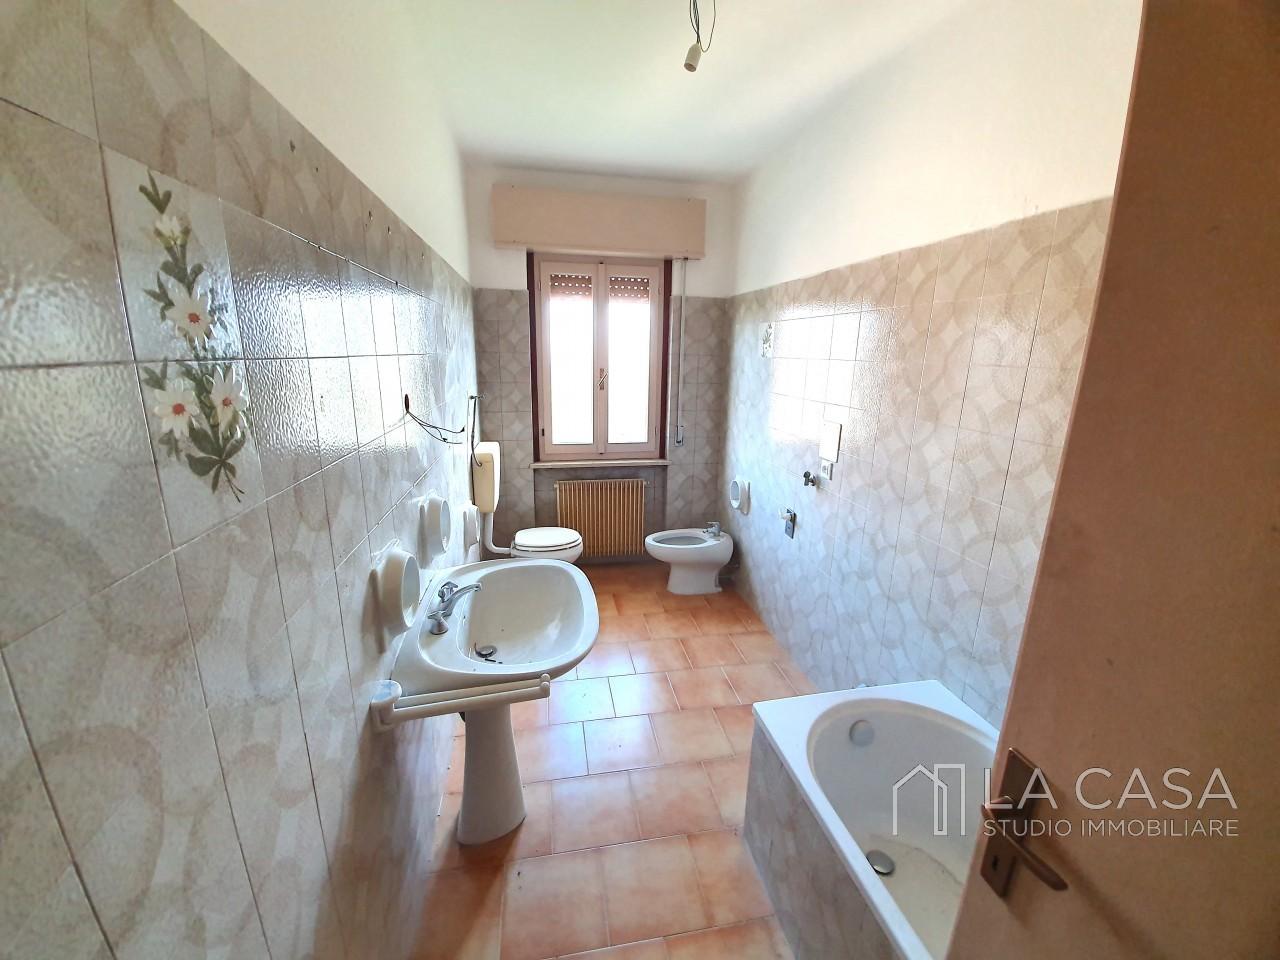 Appartamento Bicamere in Vendita a Casarsa della Delizia - Rif.A25 https://media.gestionaleimmobiliare.it/foto/annunci/191018/2085019/1280x1280/013__20191017_164809_wmk_0.jpg